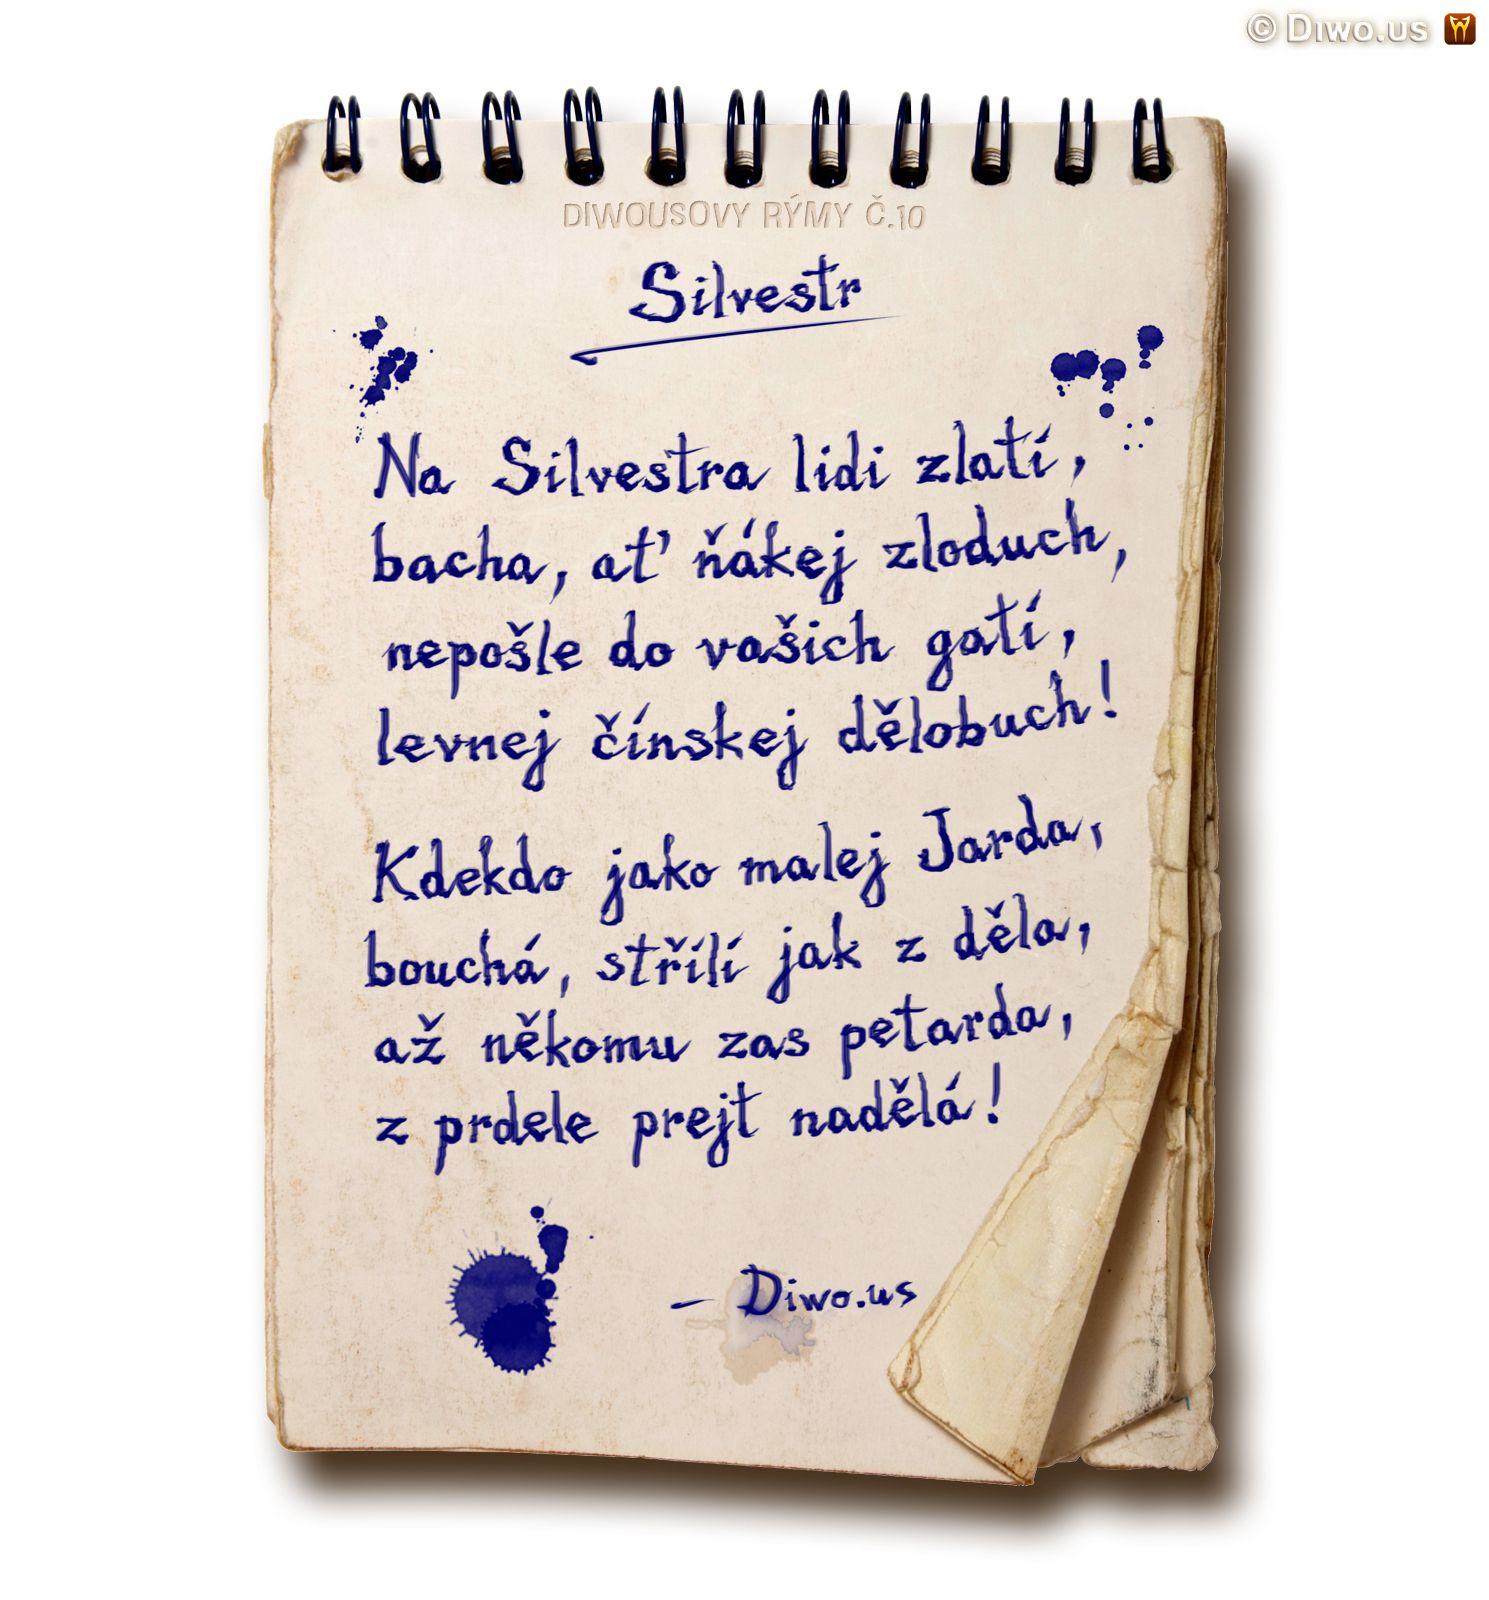 Diwous - Diwousovy Rýmy, žertovné, humorné básničky, verše, veršovánky, říkanky, rýmovačky, básně, sranda, legrace, satira, č.10, Silvestr, dělobuch, petarda, malej Jarda, silvestrovské oslavy, zranění, poranění, úraz, zábavná pyrotechnika, ohňostroj